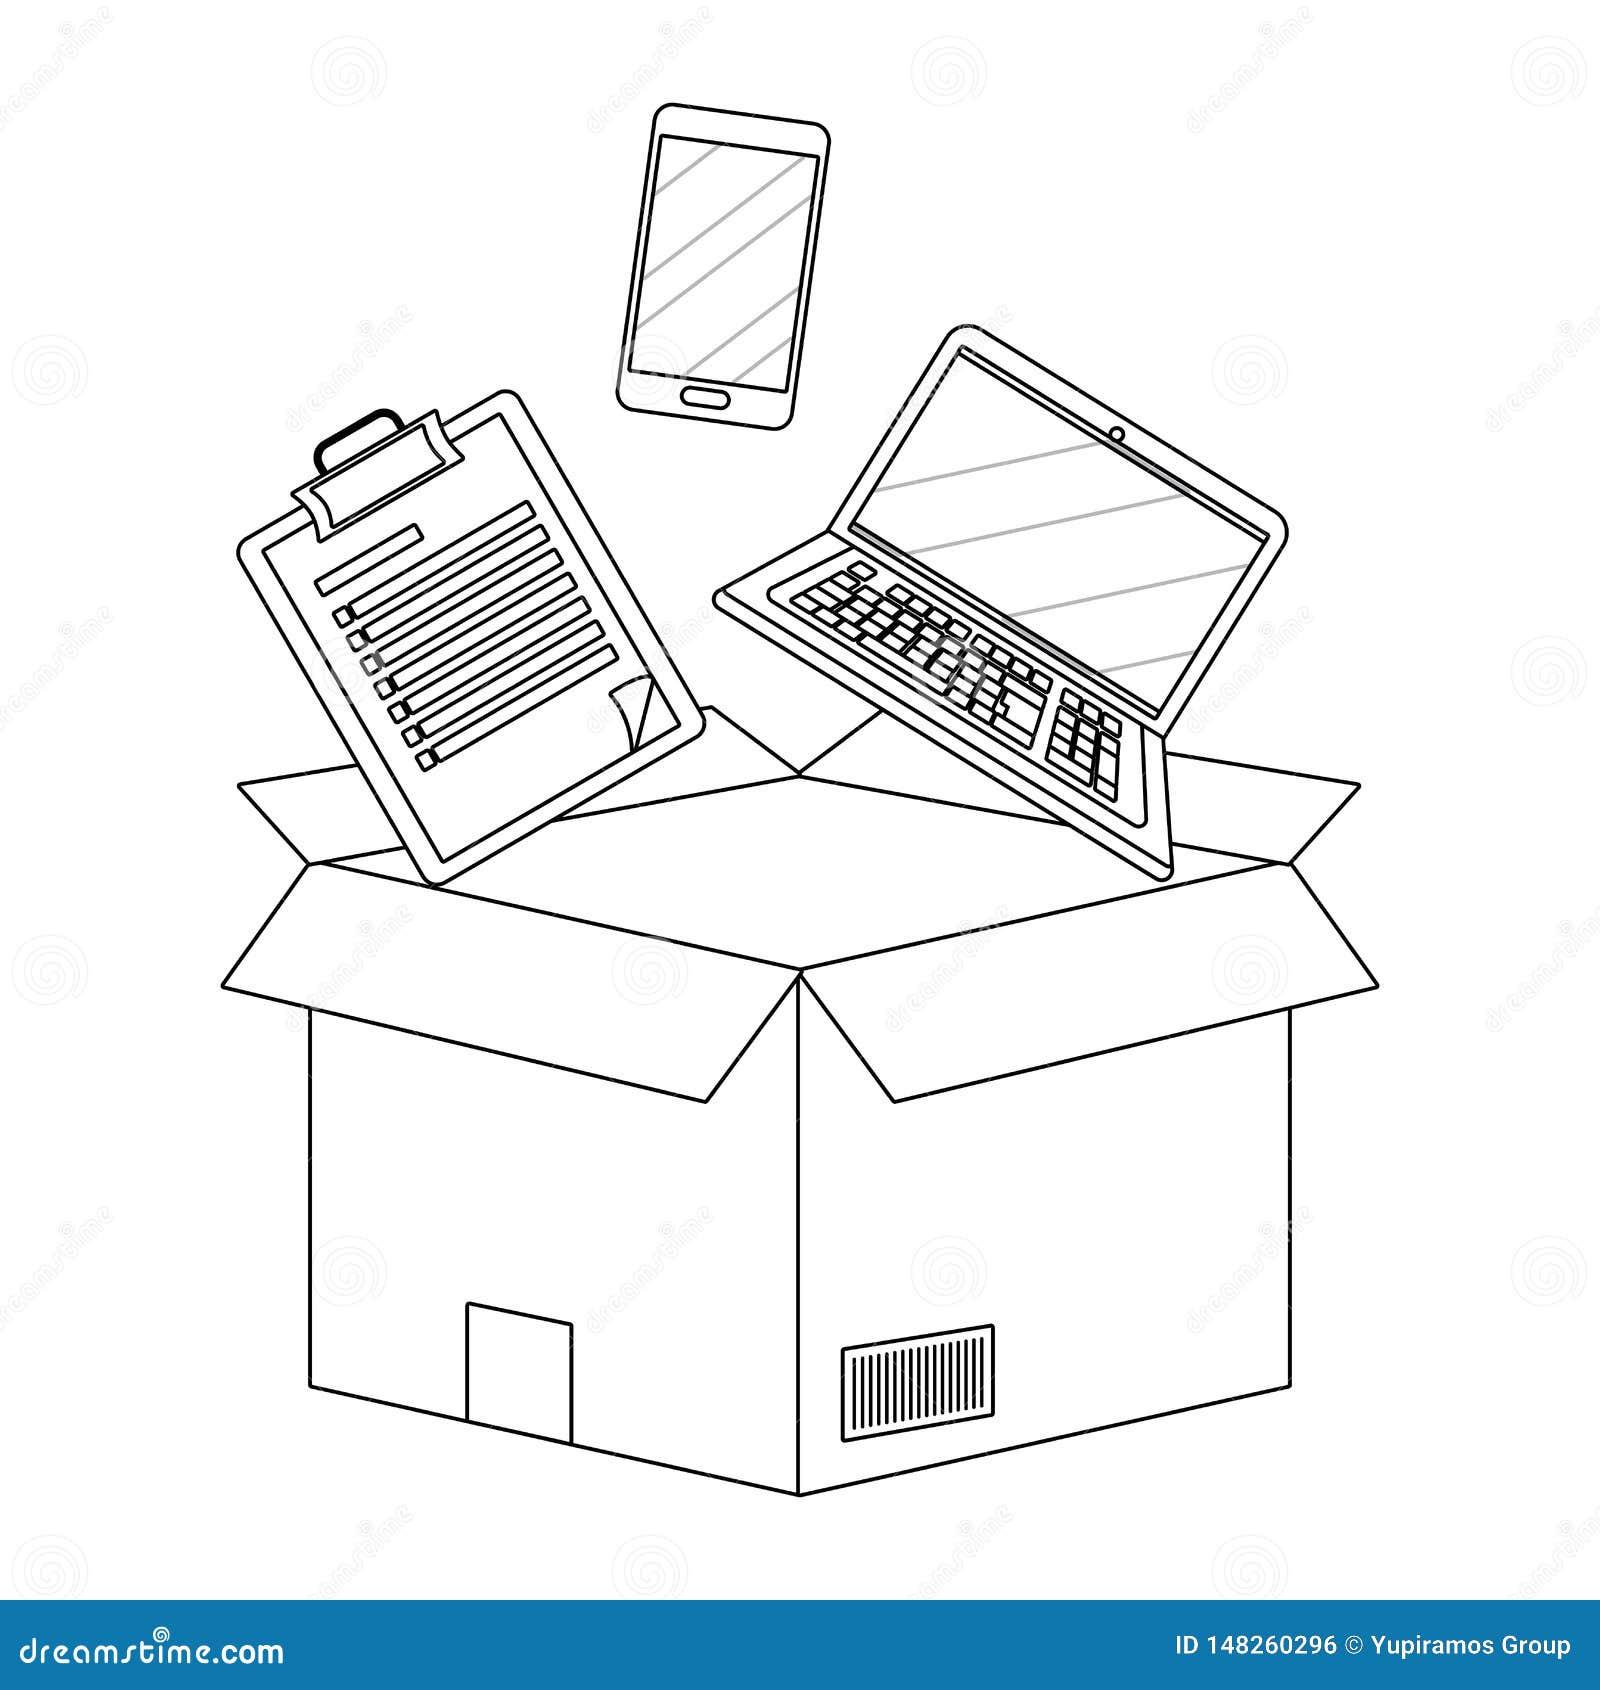 Κιβώτιο με τον πίνακα ελέγχου σε γραπτό